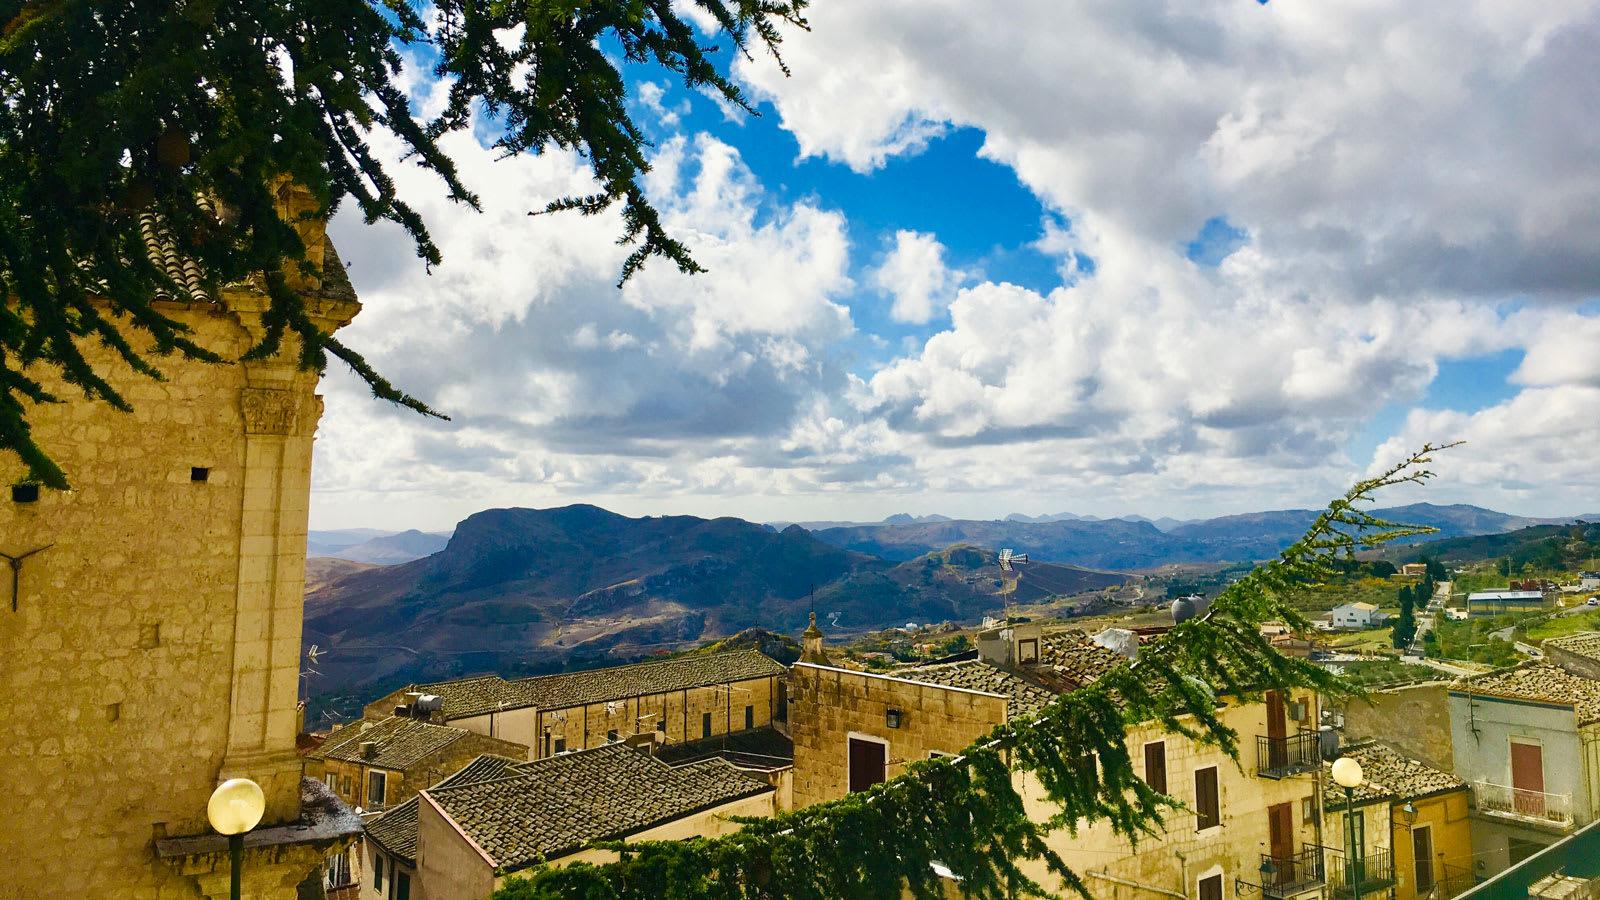 قرية إيطالية تمنح أكثر من 10 آلاف دولار للانتقال إليها